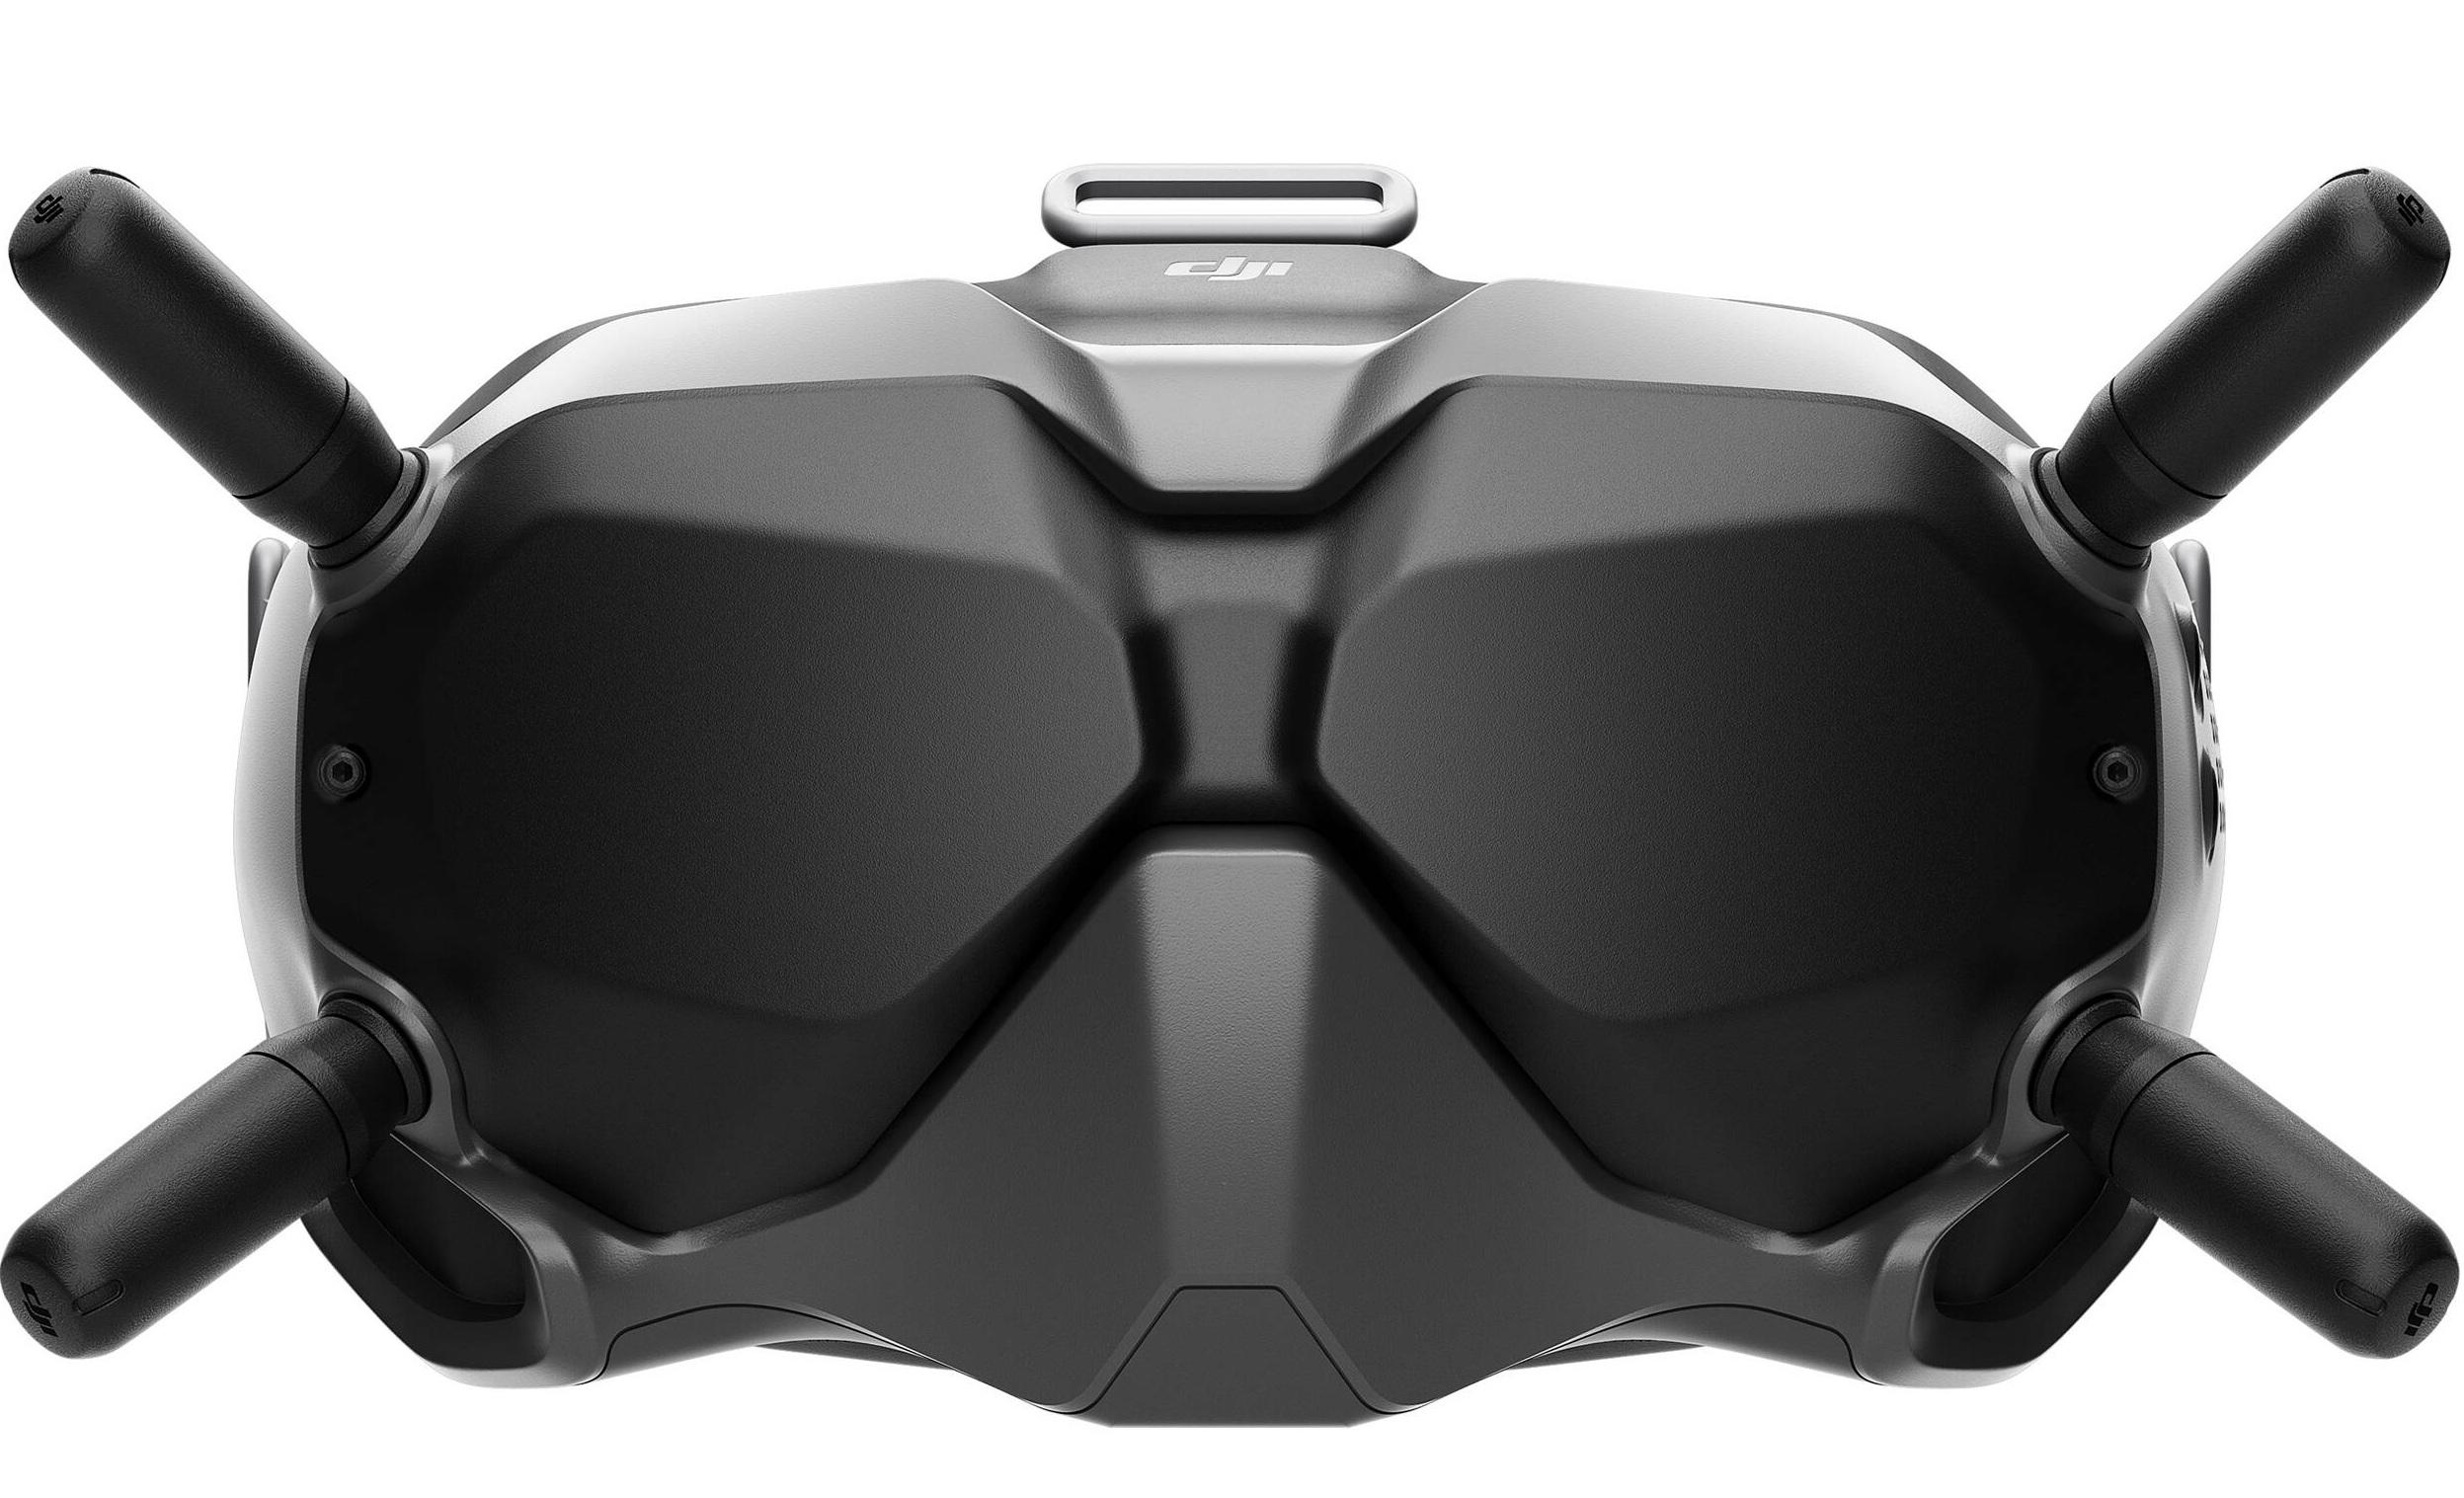 Thiết kế kính DJI FPV Goggles V2 với 4 ăng-ten nhận tín hiệu không dây ở 2.4GHz hoặc 5.8 GHz